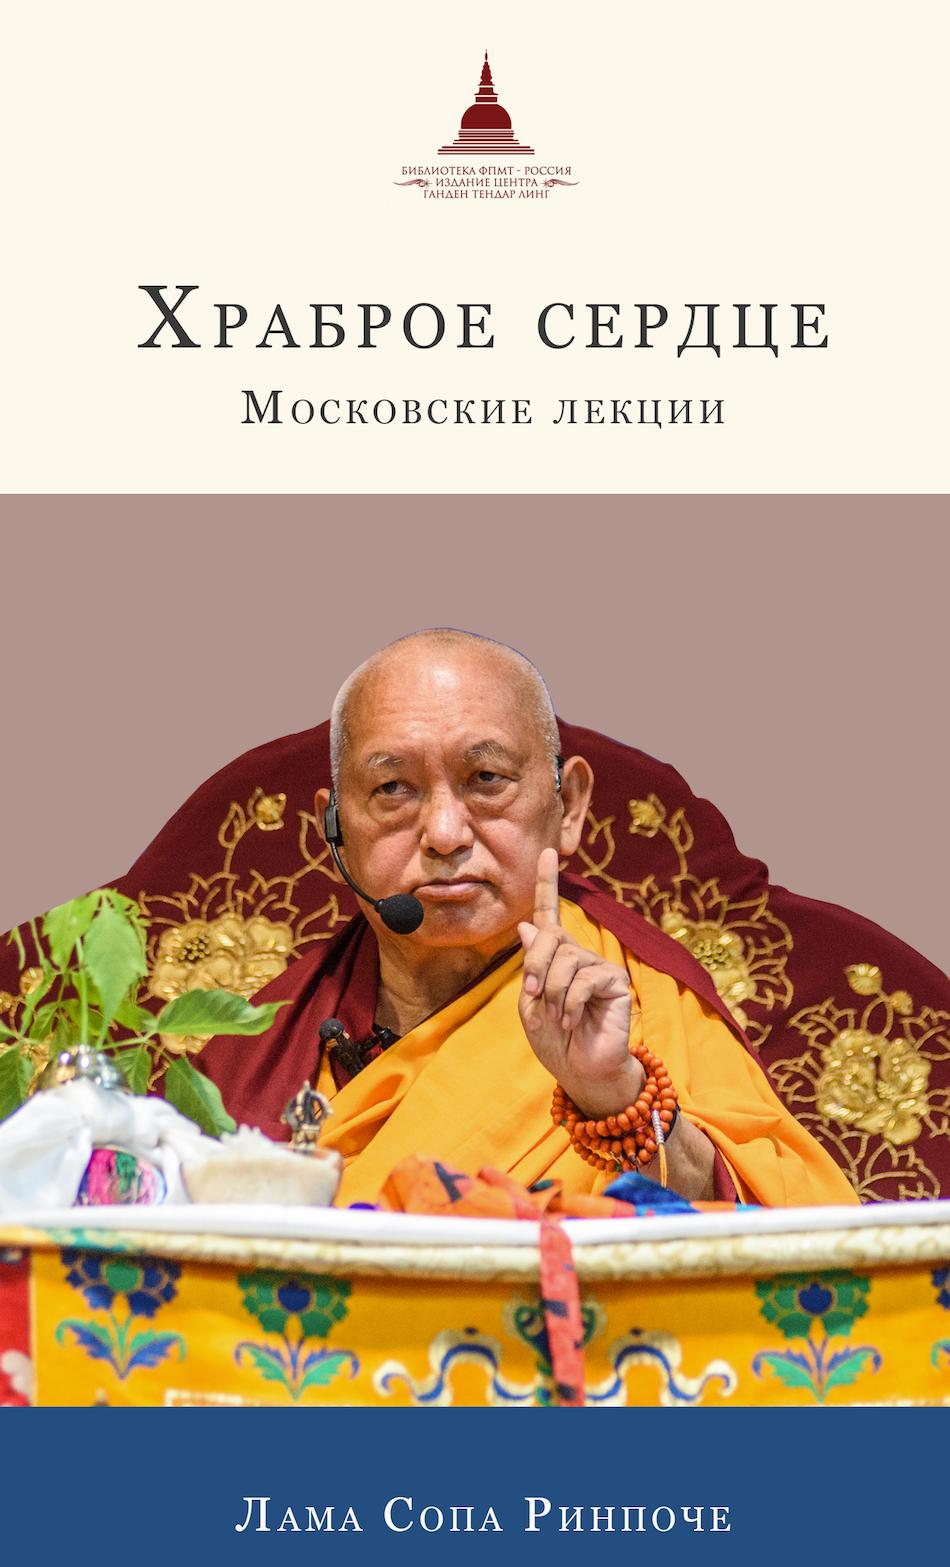 Купить книгу Храброе сердце. Московские лекции, автора ламы Сопа Ринпоче